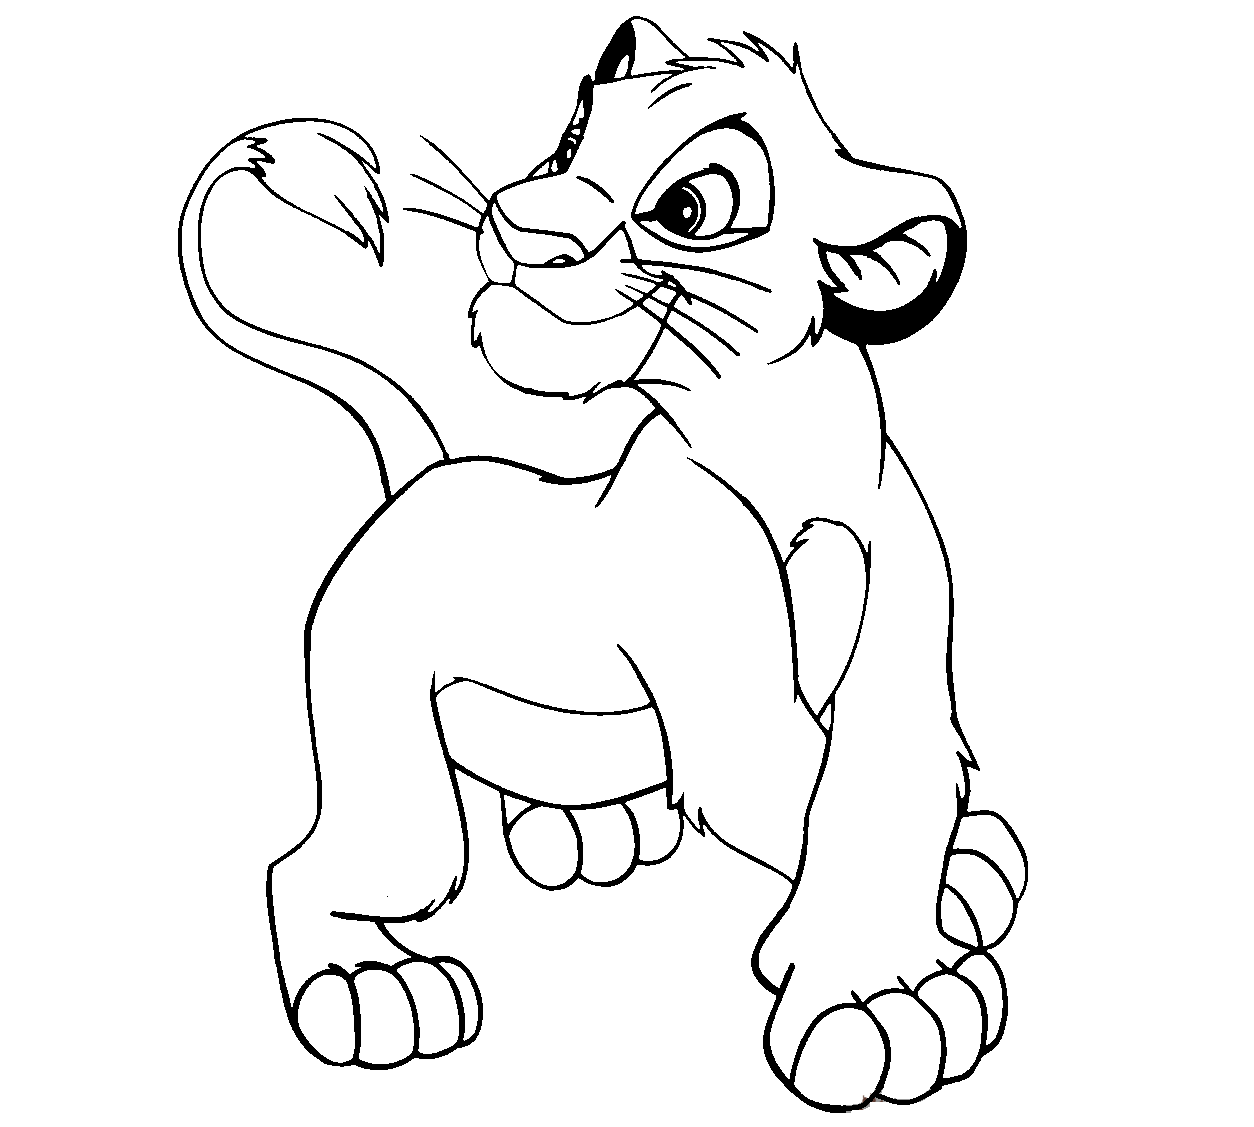 coloring book lion lion coloring pages coloring pages to print book coloring lion